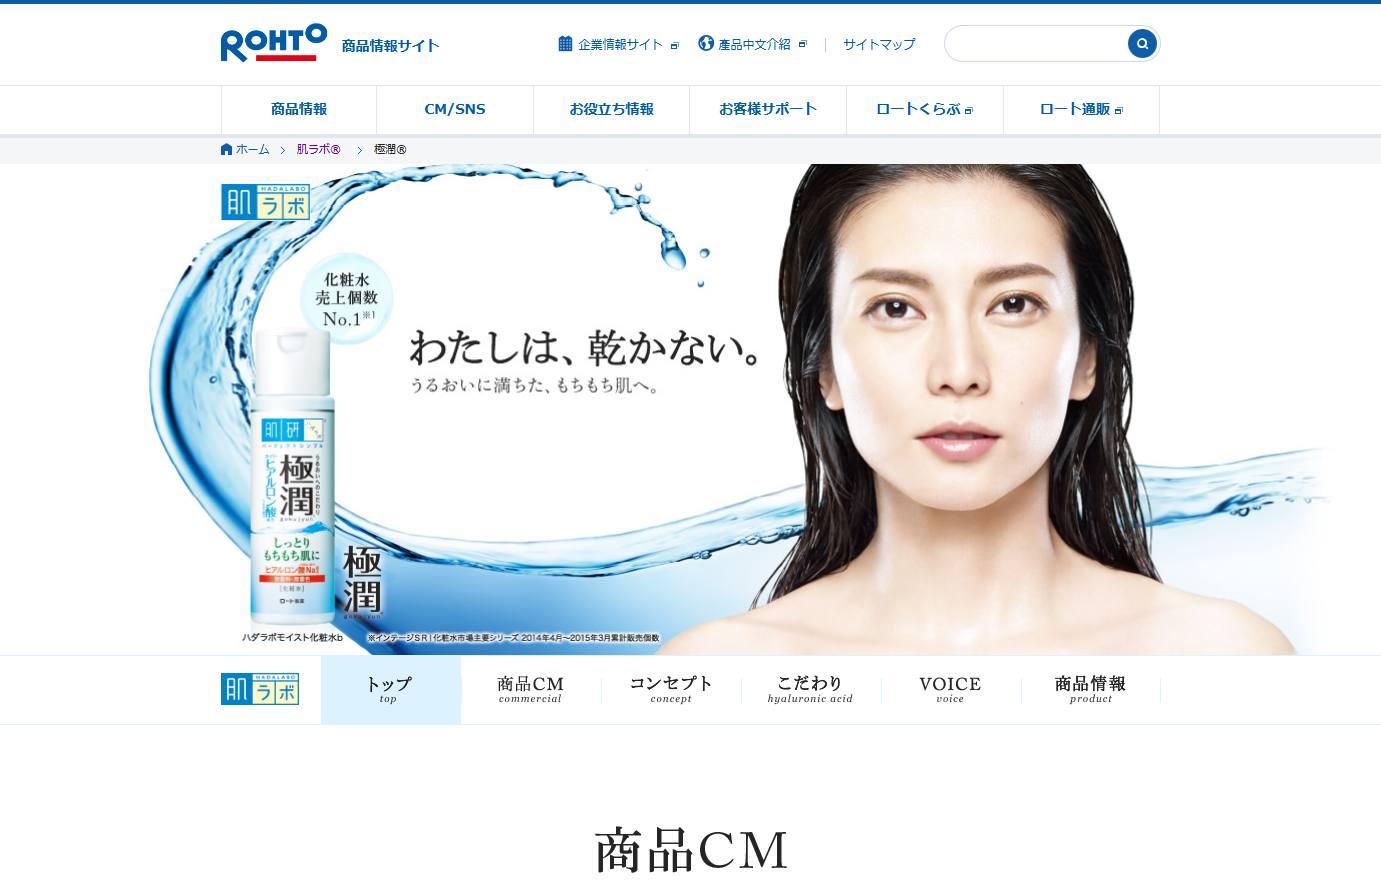 極潤®  ロート製薬- 商品情報サイト